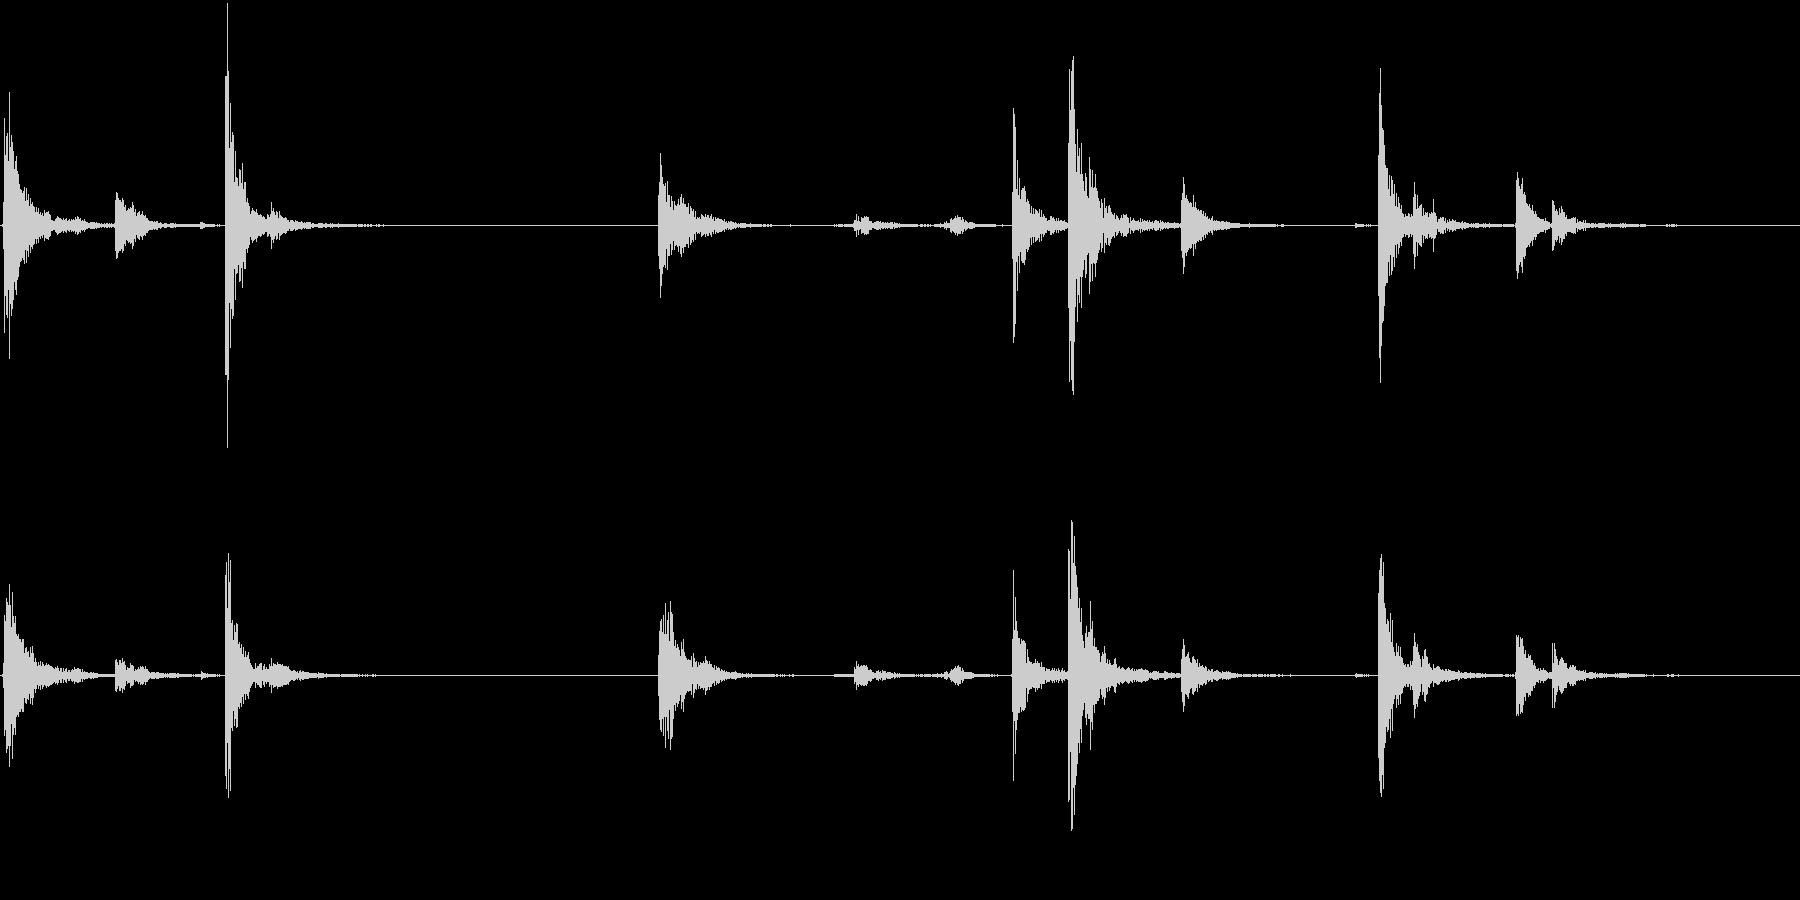 【生録音】お箸の音 23 まとめて片付けの未再生の波形